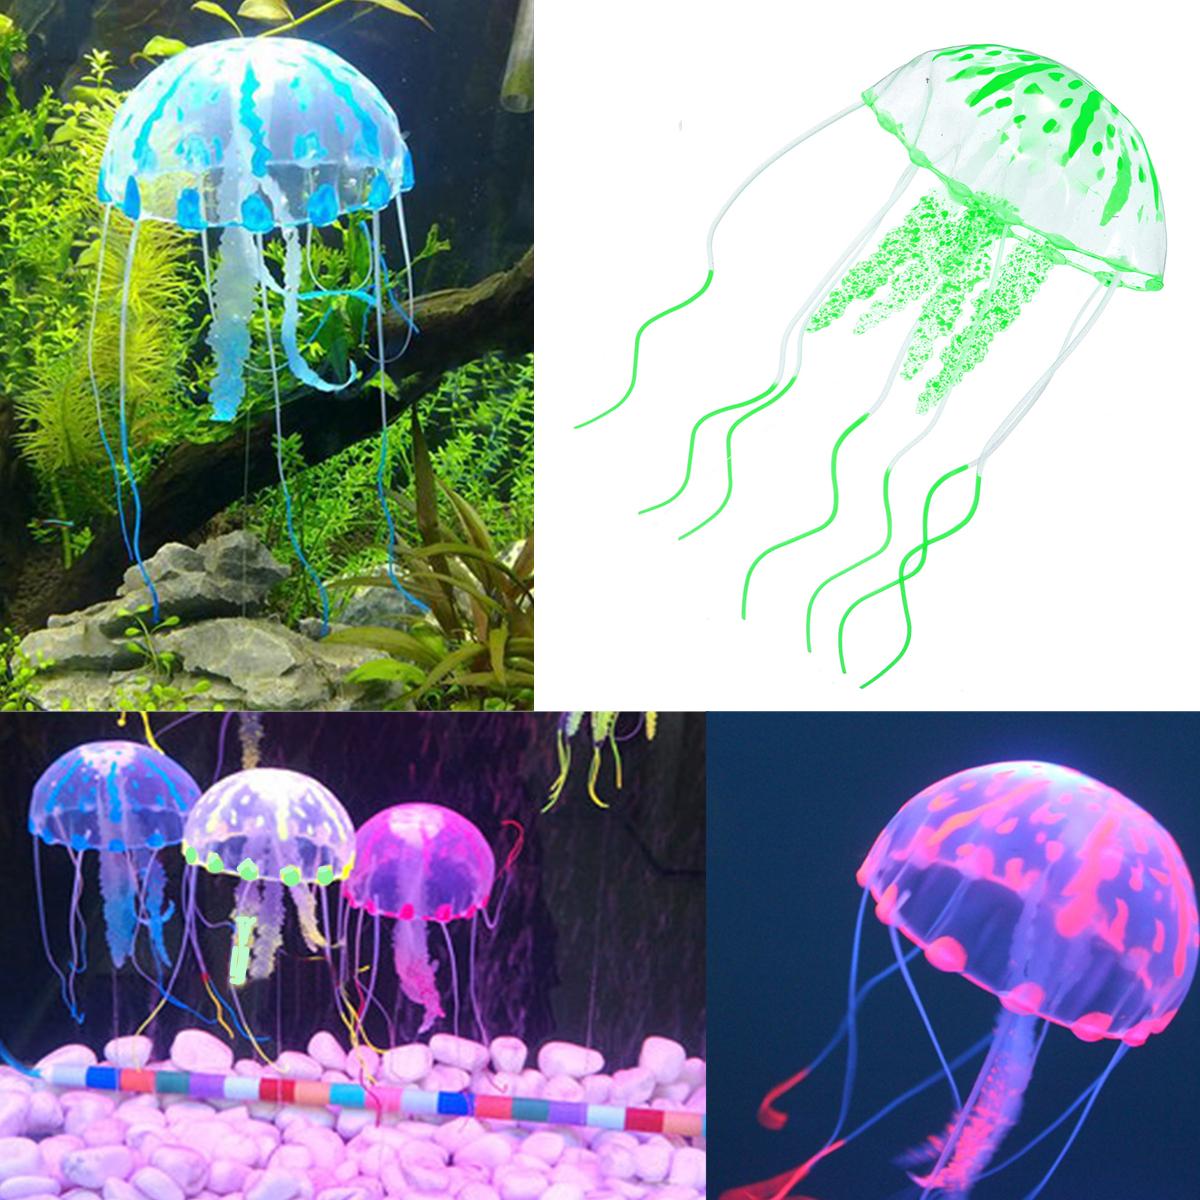 m duse artificielle silicone mou poudre fluorescente ornement d cor pr aquarium ebay. Black Bedroom Furniture Sets. Home Design Ideas